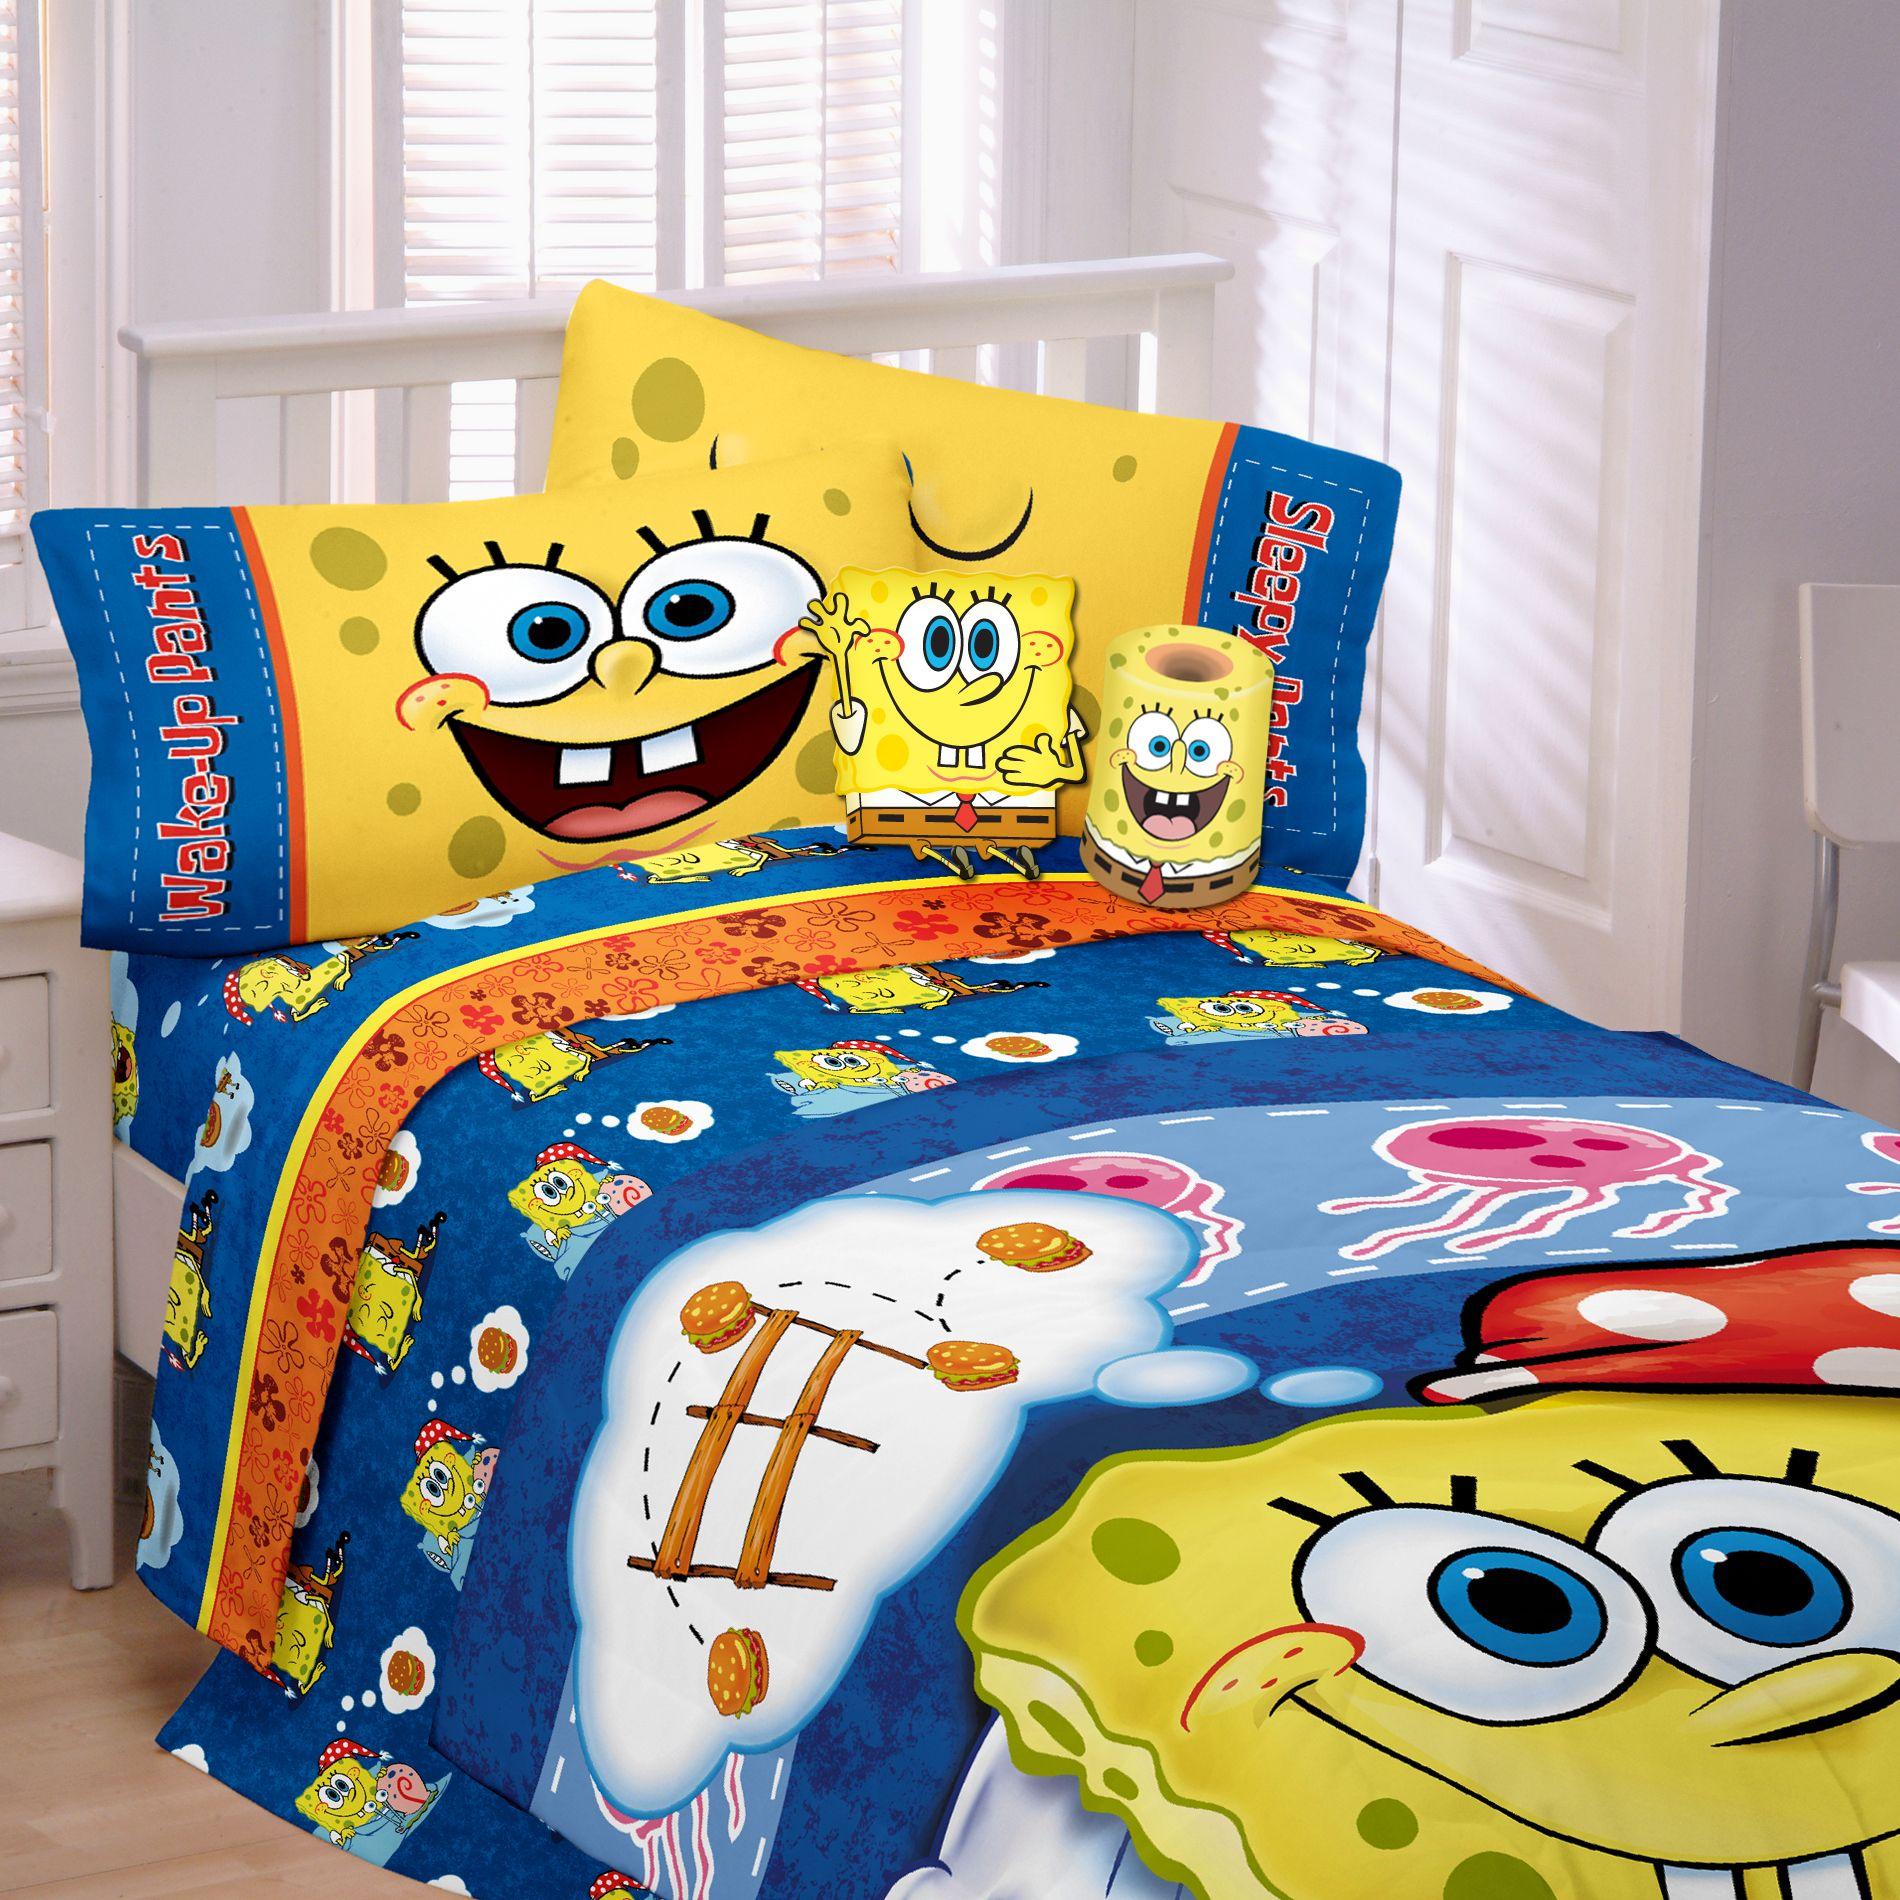 Spongebob Bed Bob Sheet Set